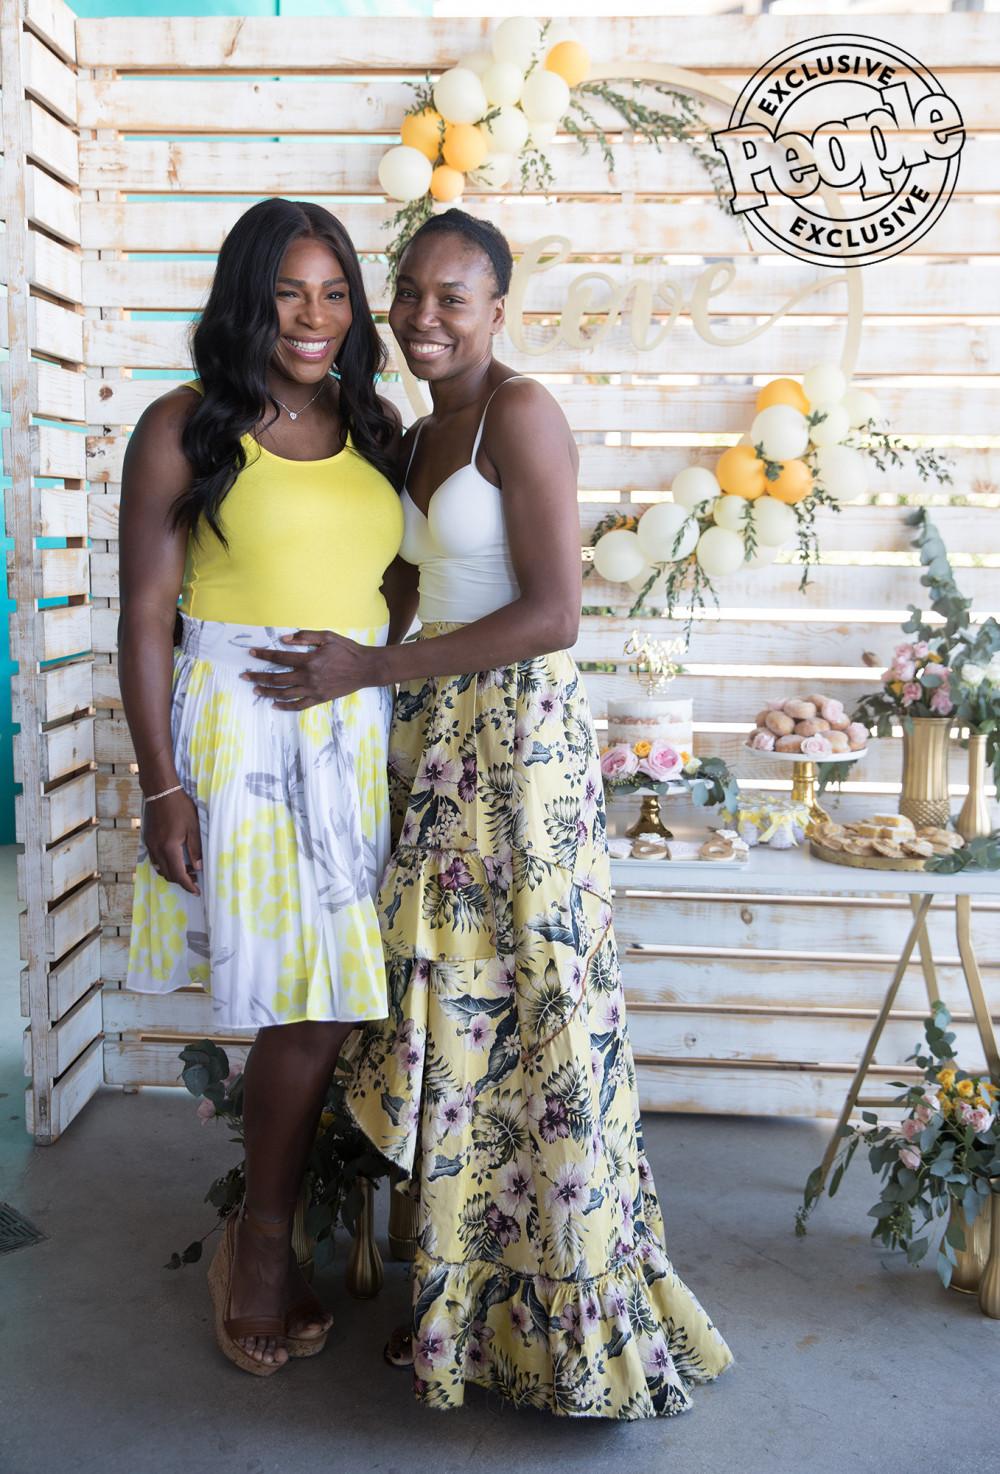 Serena Williams is 'Nacho Average Bride' for her Bridal Shower in Miami